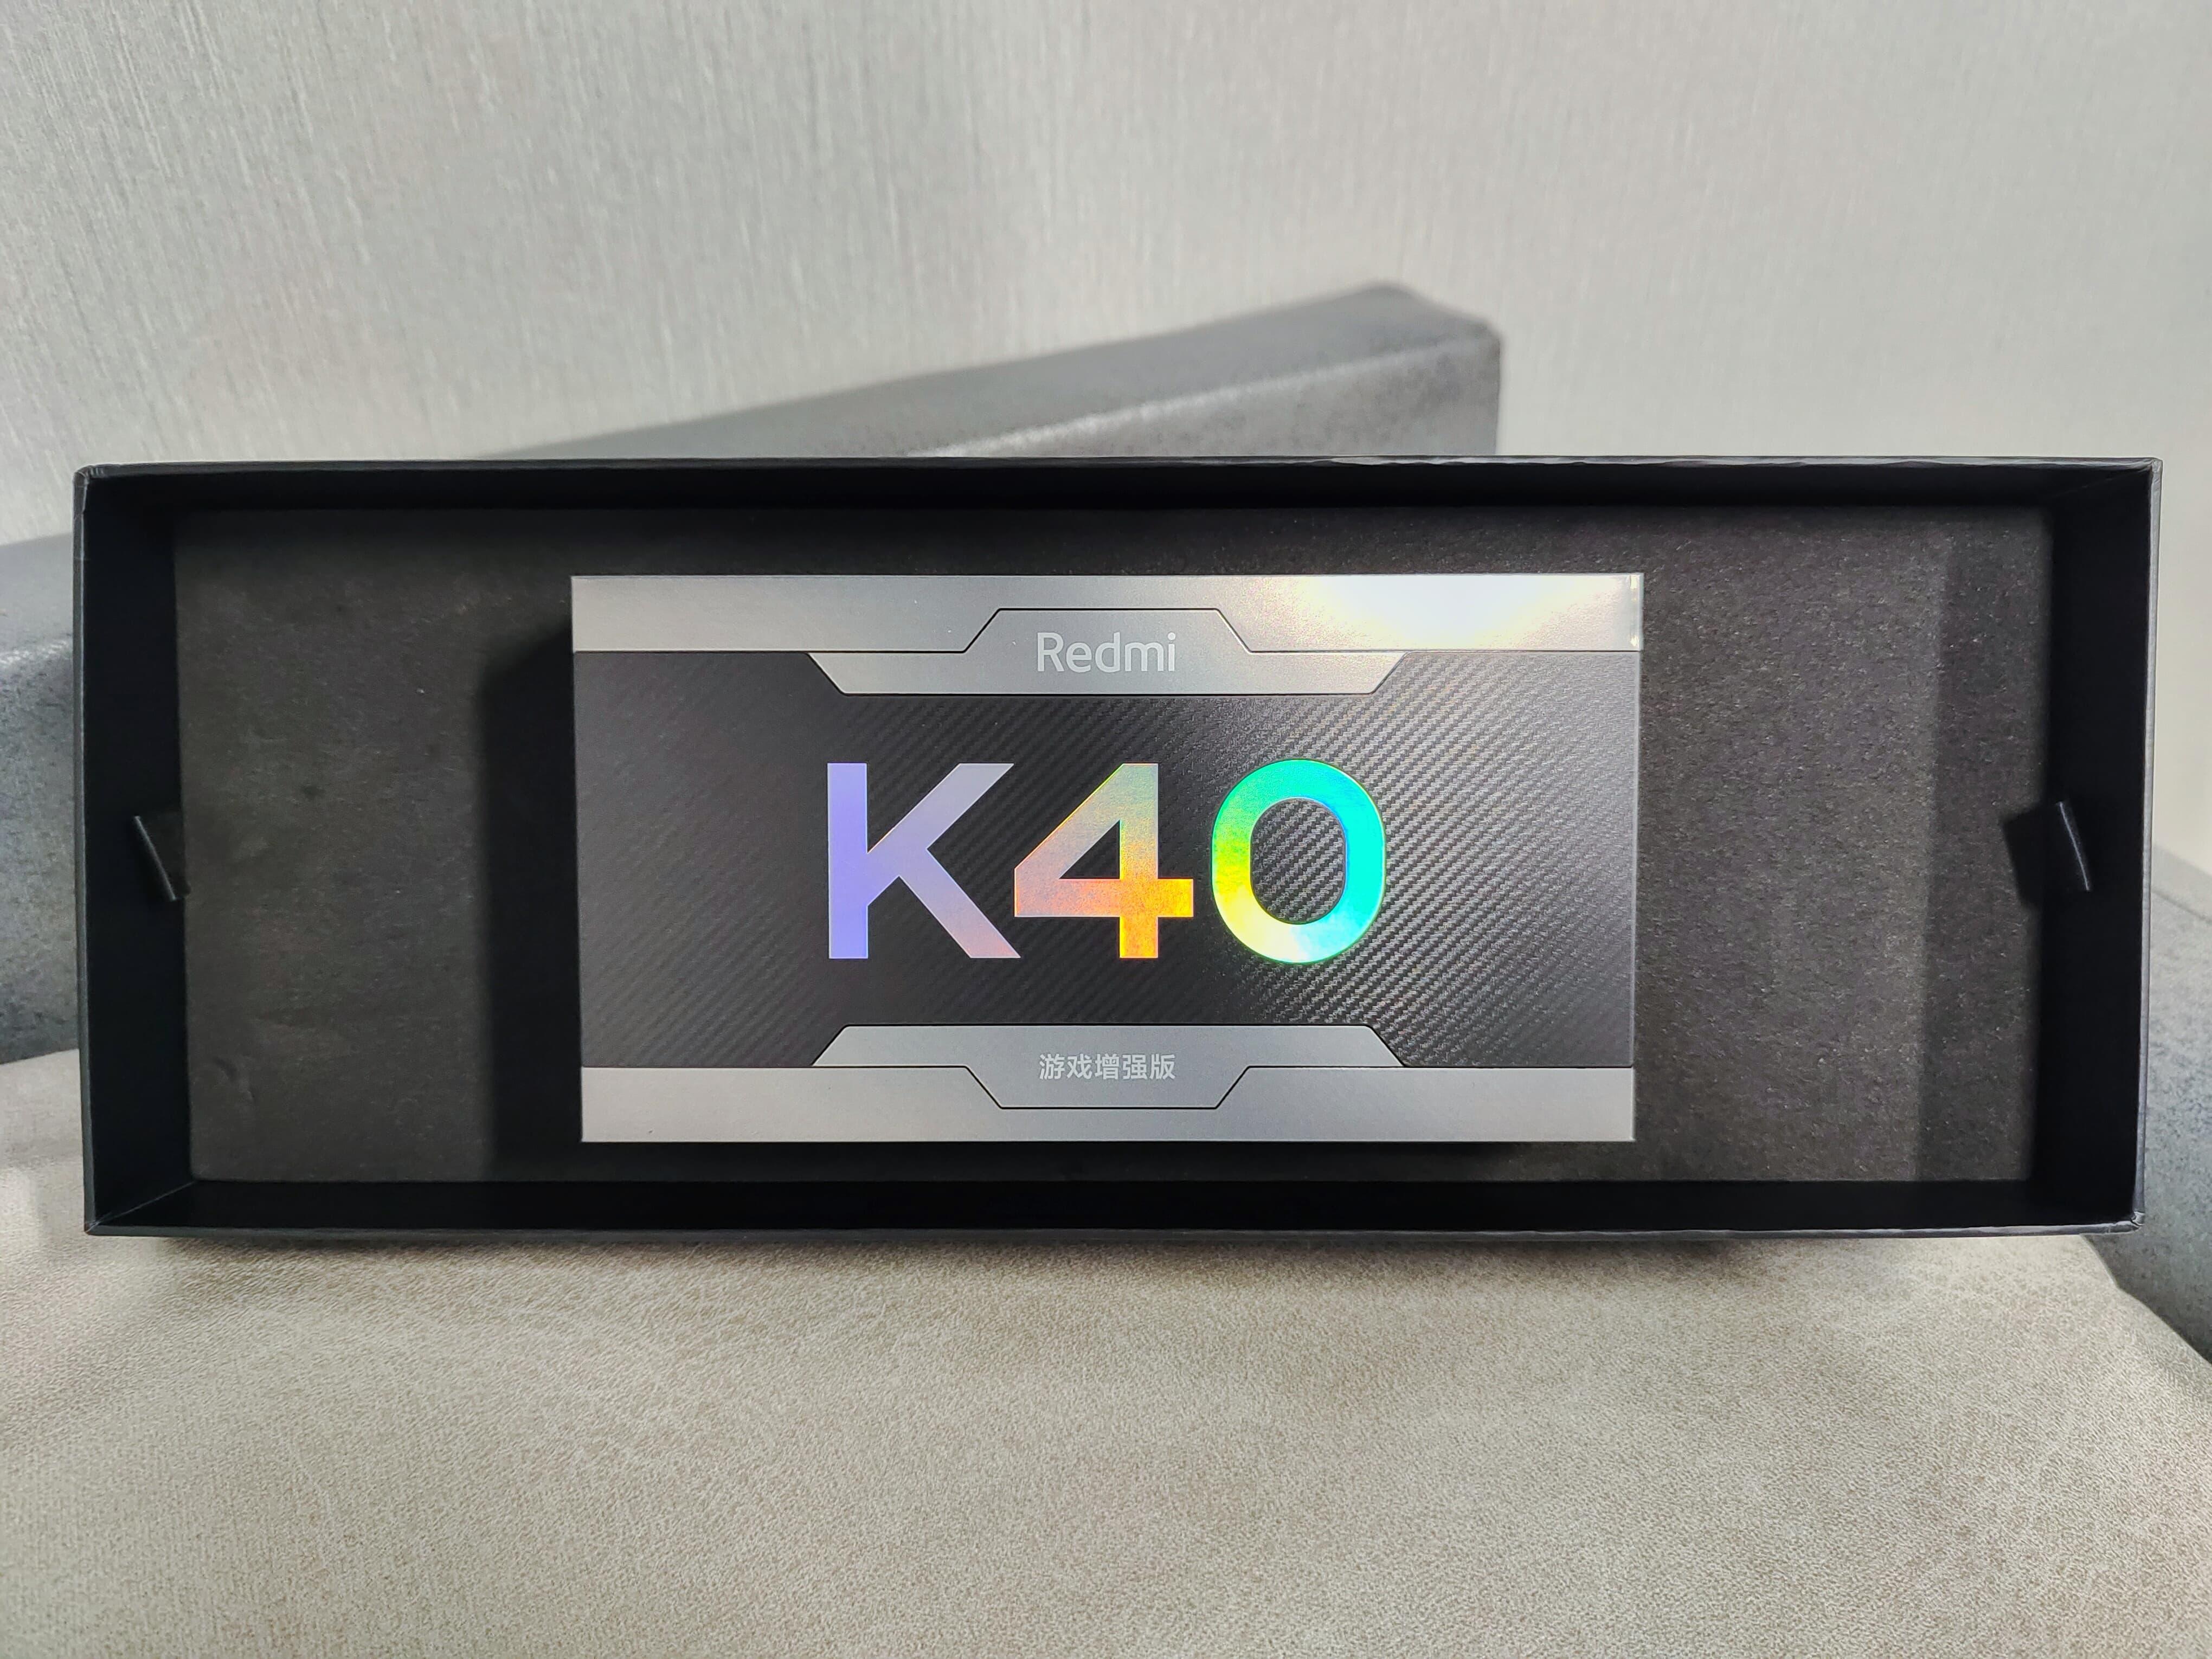 K40游戏增强版评测:1999起售没短板 这可能是K40宇宙最能打的一个